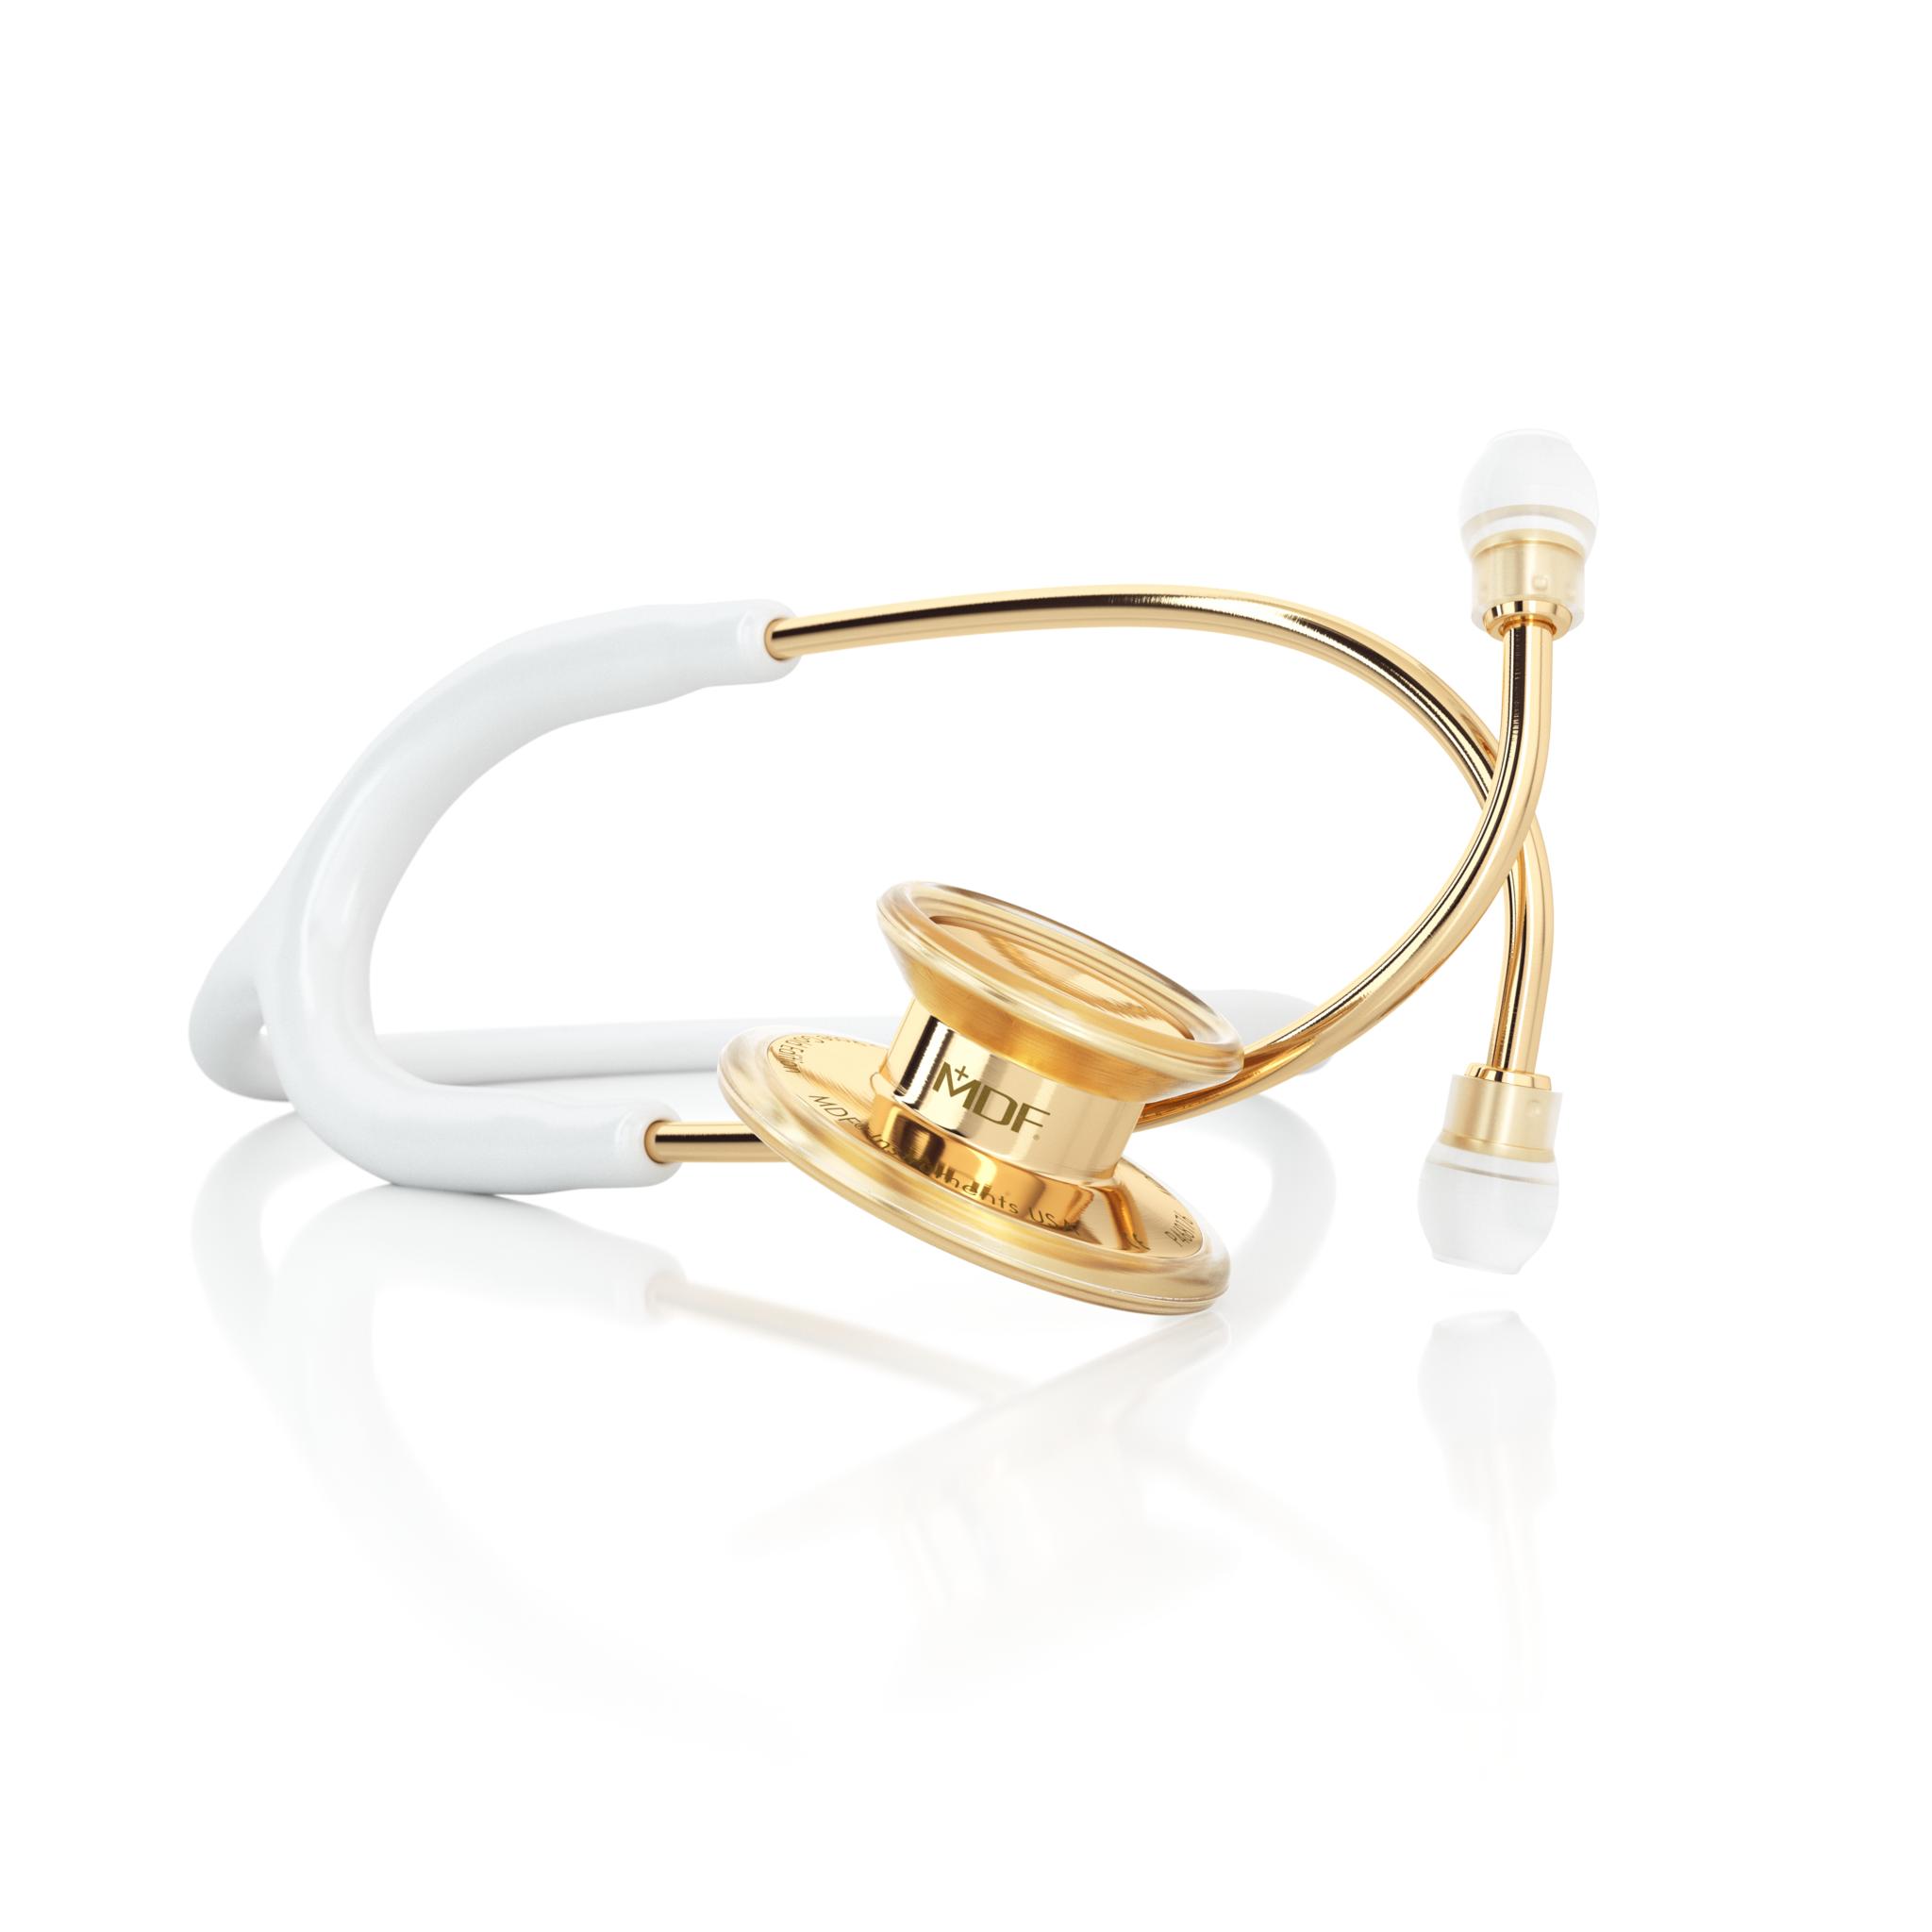 Фонендоскоп MD One (белый, желтое золото)